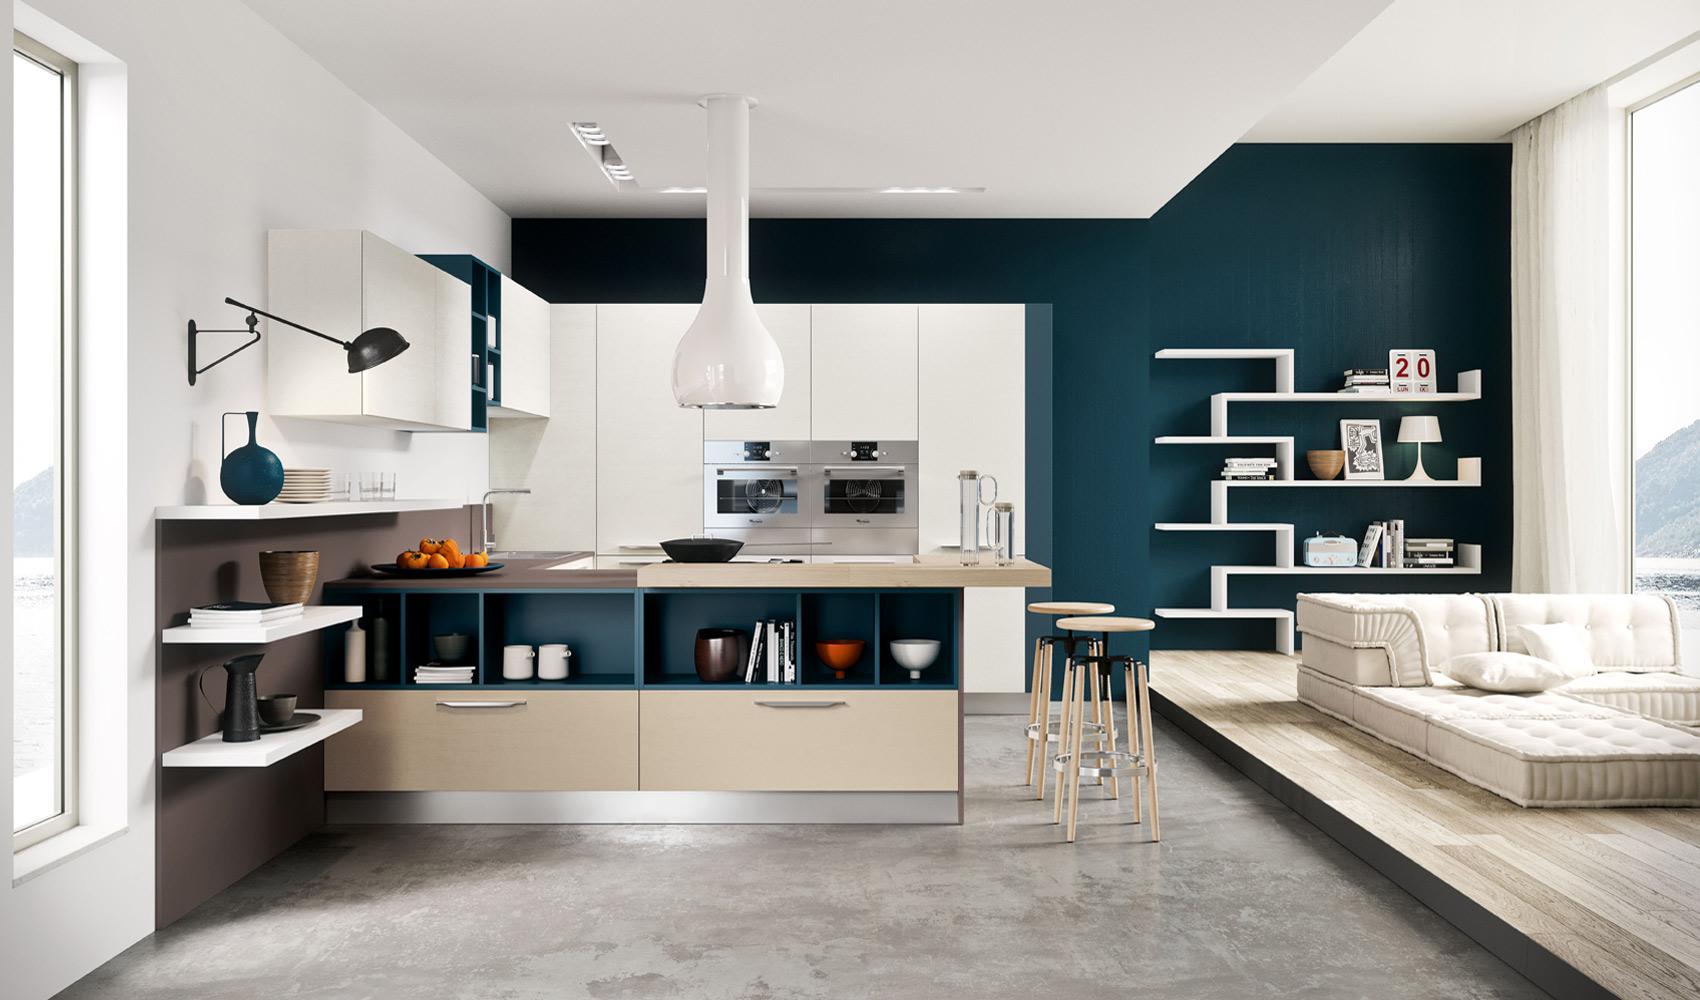 Стена насыщенного синего цвета в интерьере кухни